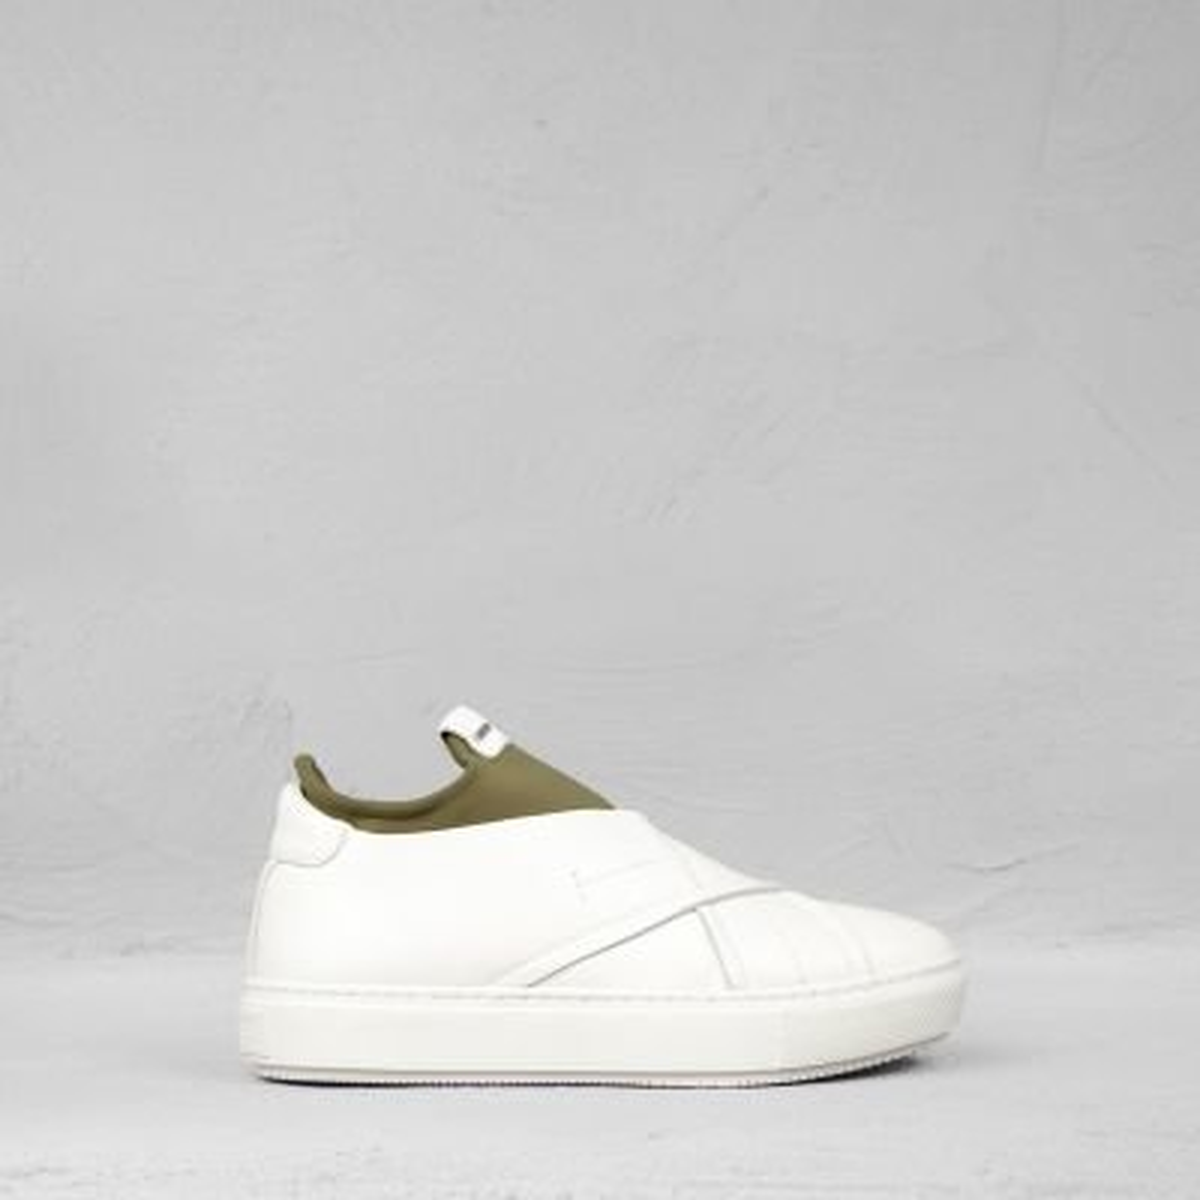 Sneaker-met-sok-gladleer-wit-olijf